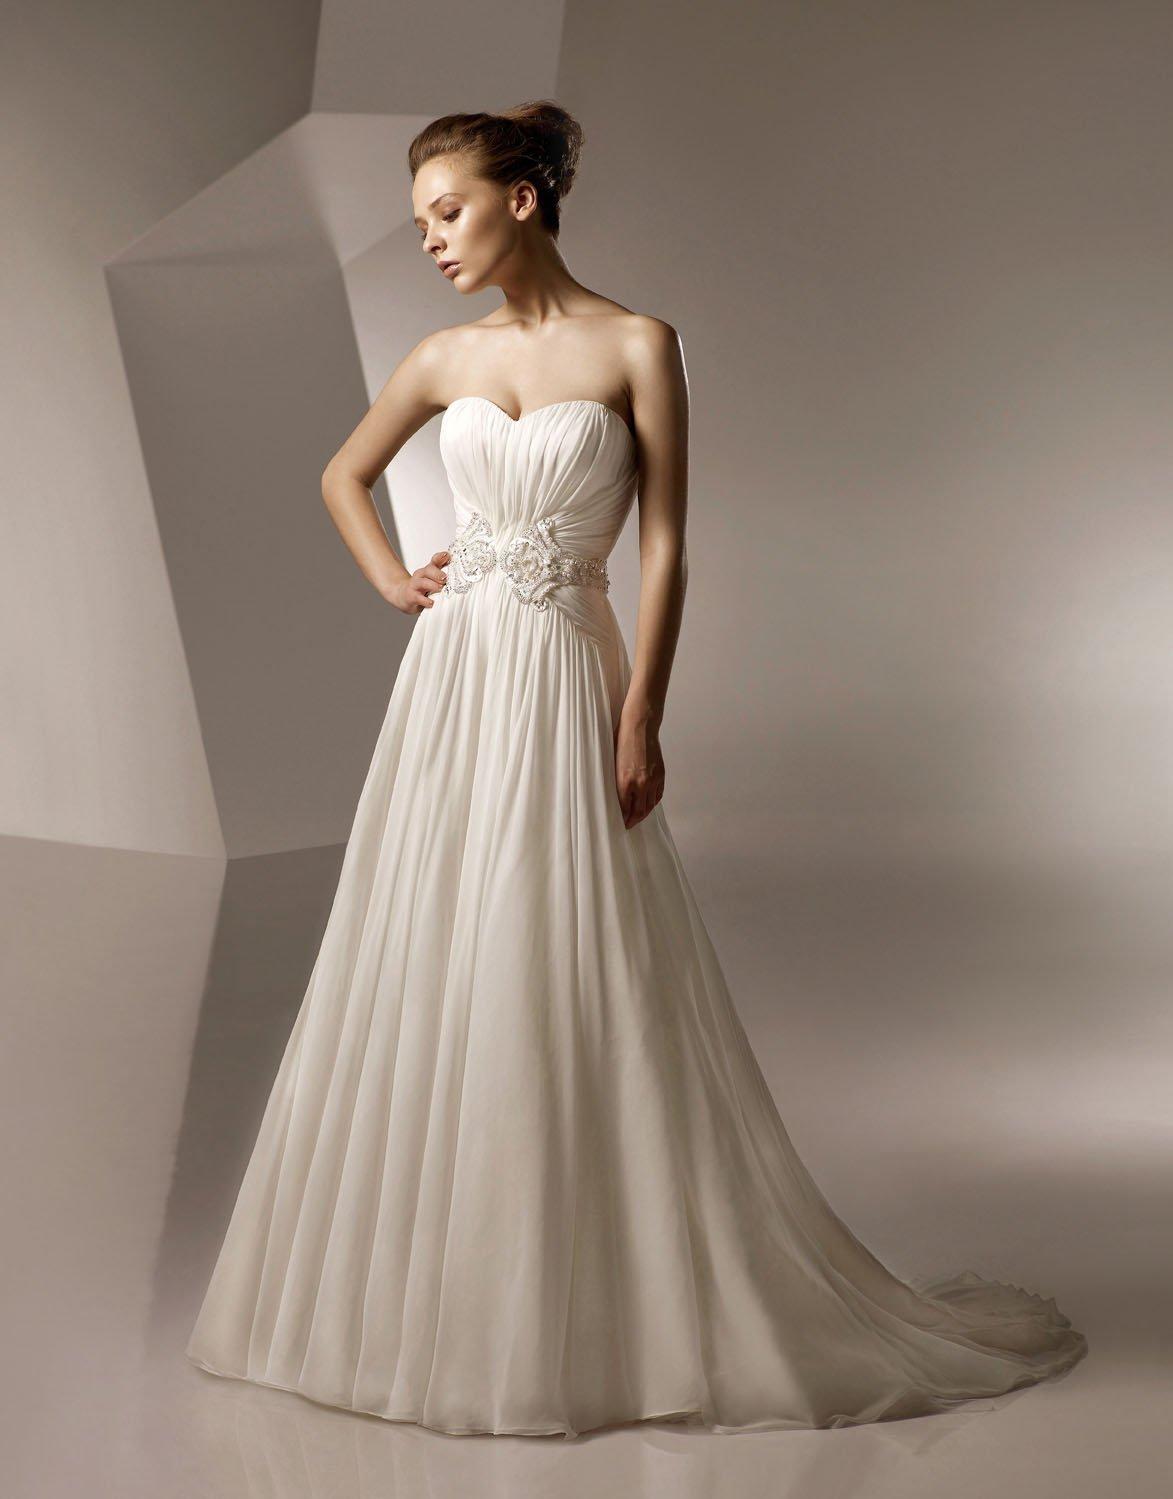 Sweetheart Neckline Chiffon Wedding Dress Bridal Gown